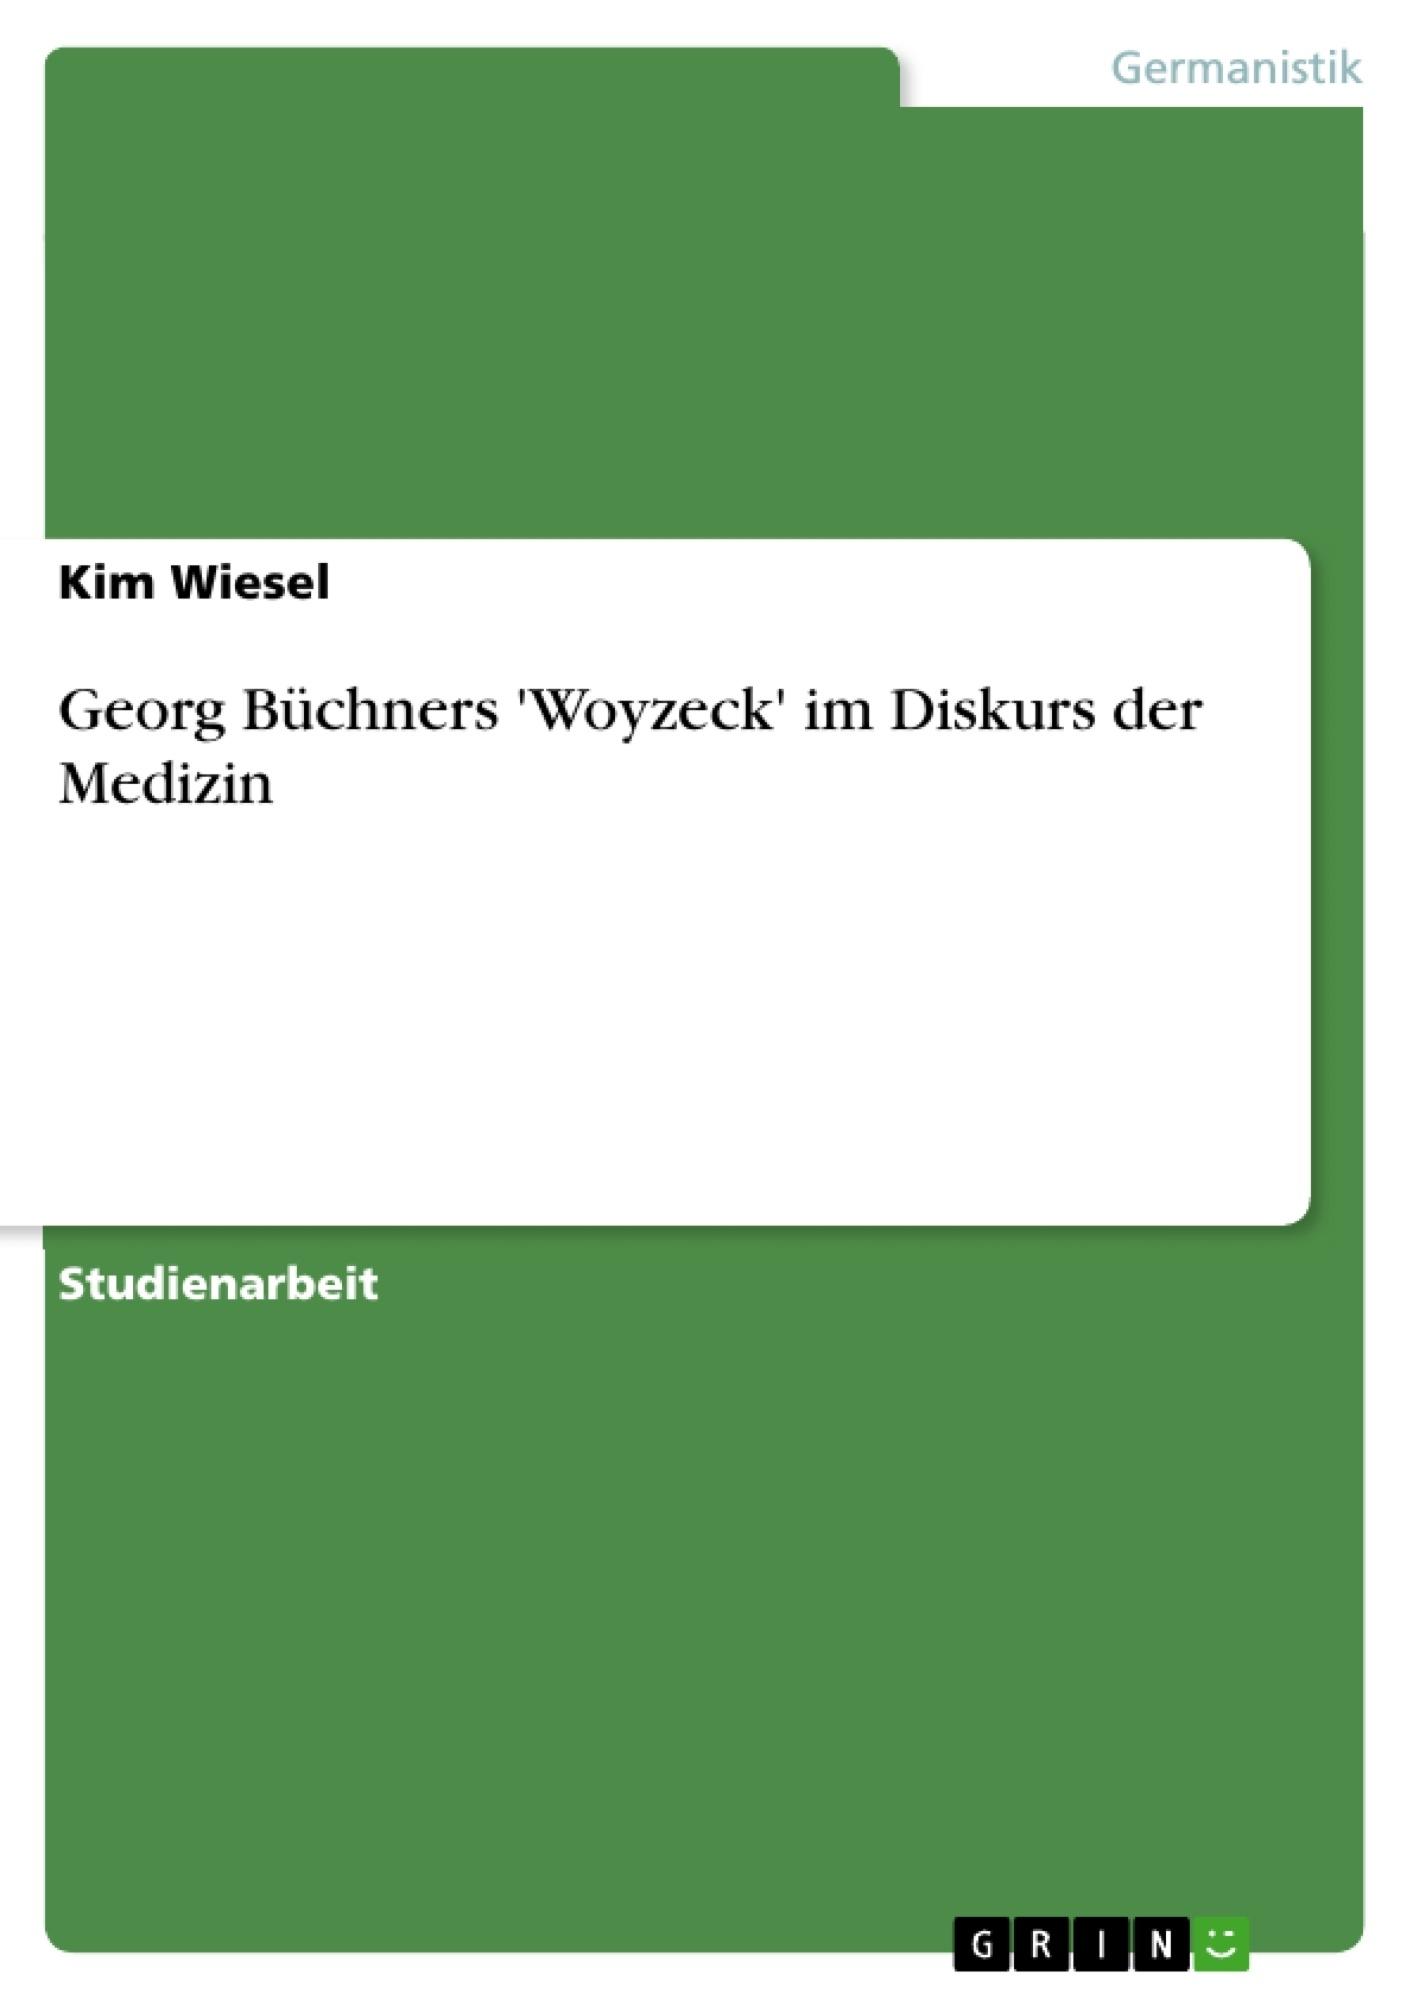 Titel: Georg Büchners 'Woyzeck' im Diskurs der Medizin